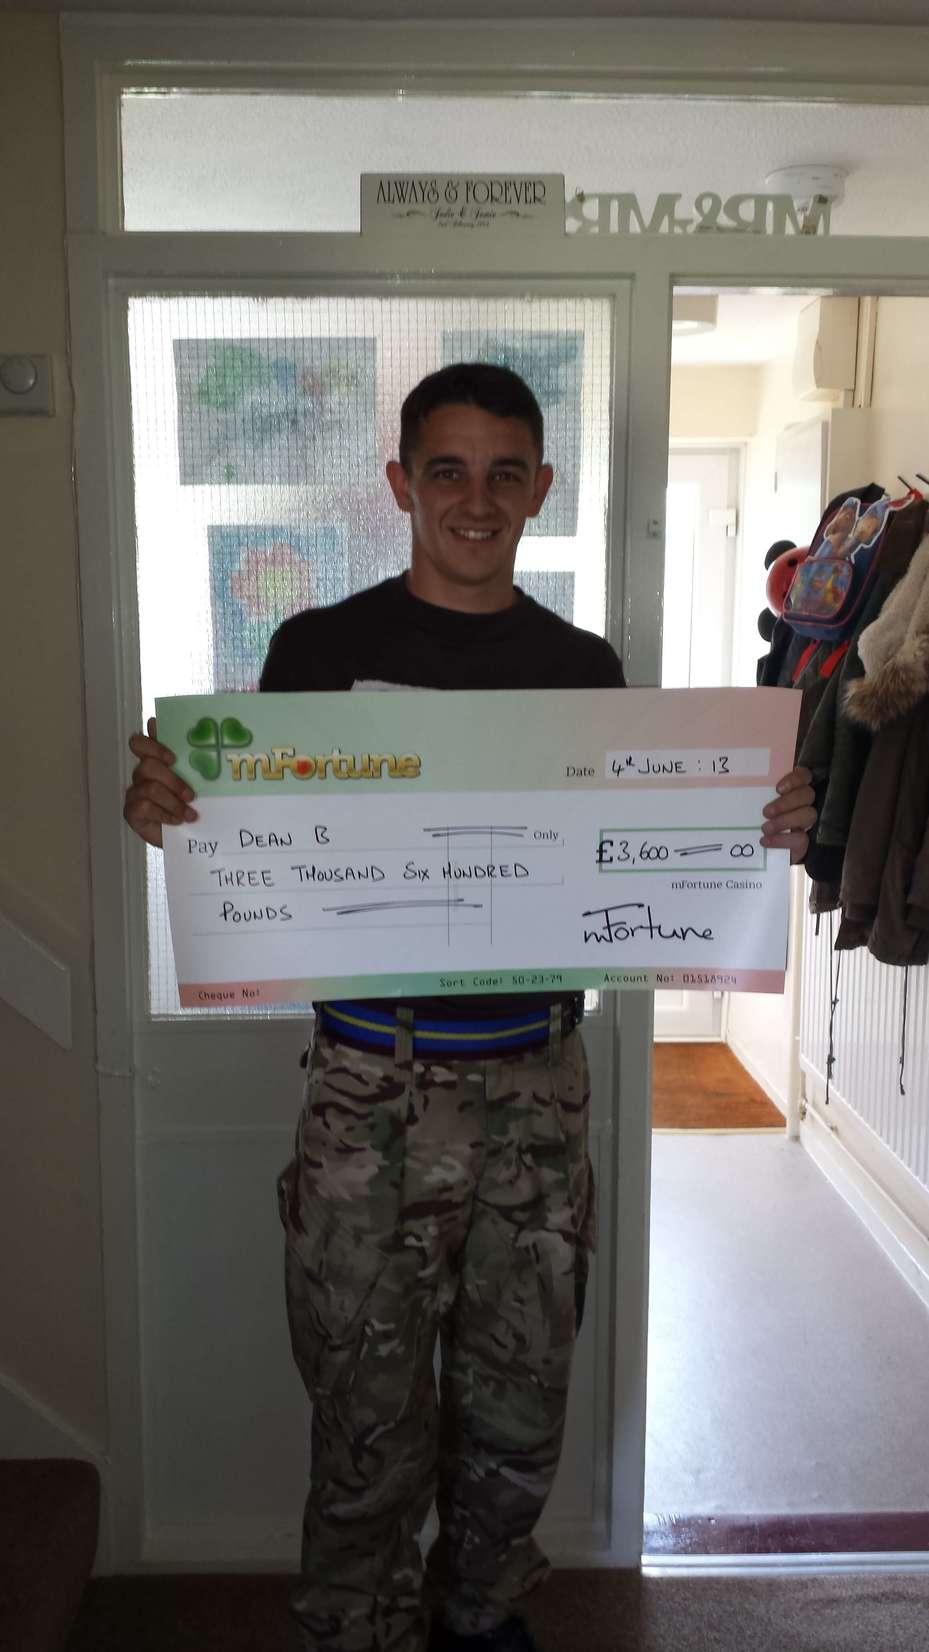 Dean B won £ 3,600